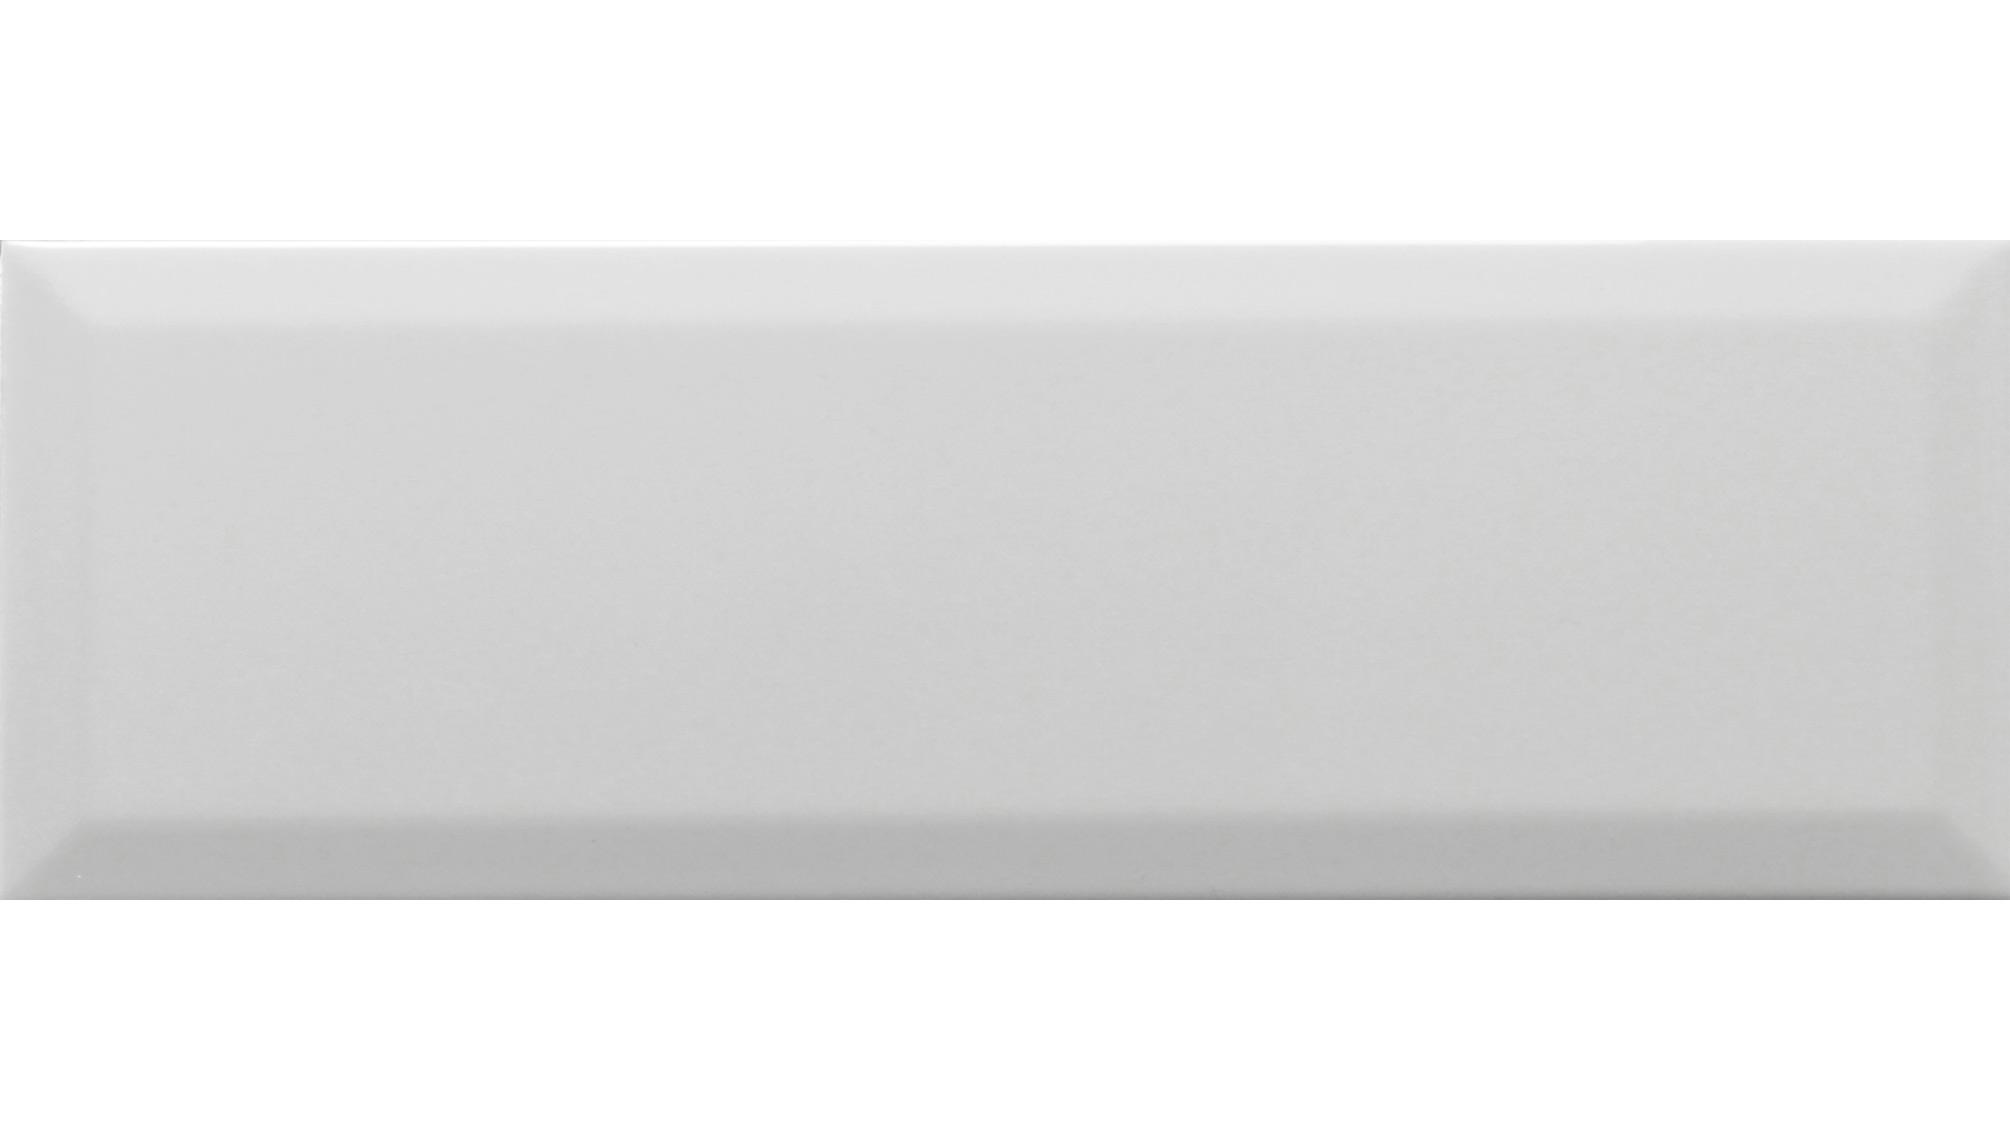 Metro Weiß Glänzend X Metrofliesen Fliesencom - Fliesen 10 x 30 weiß